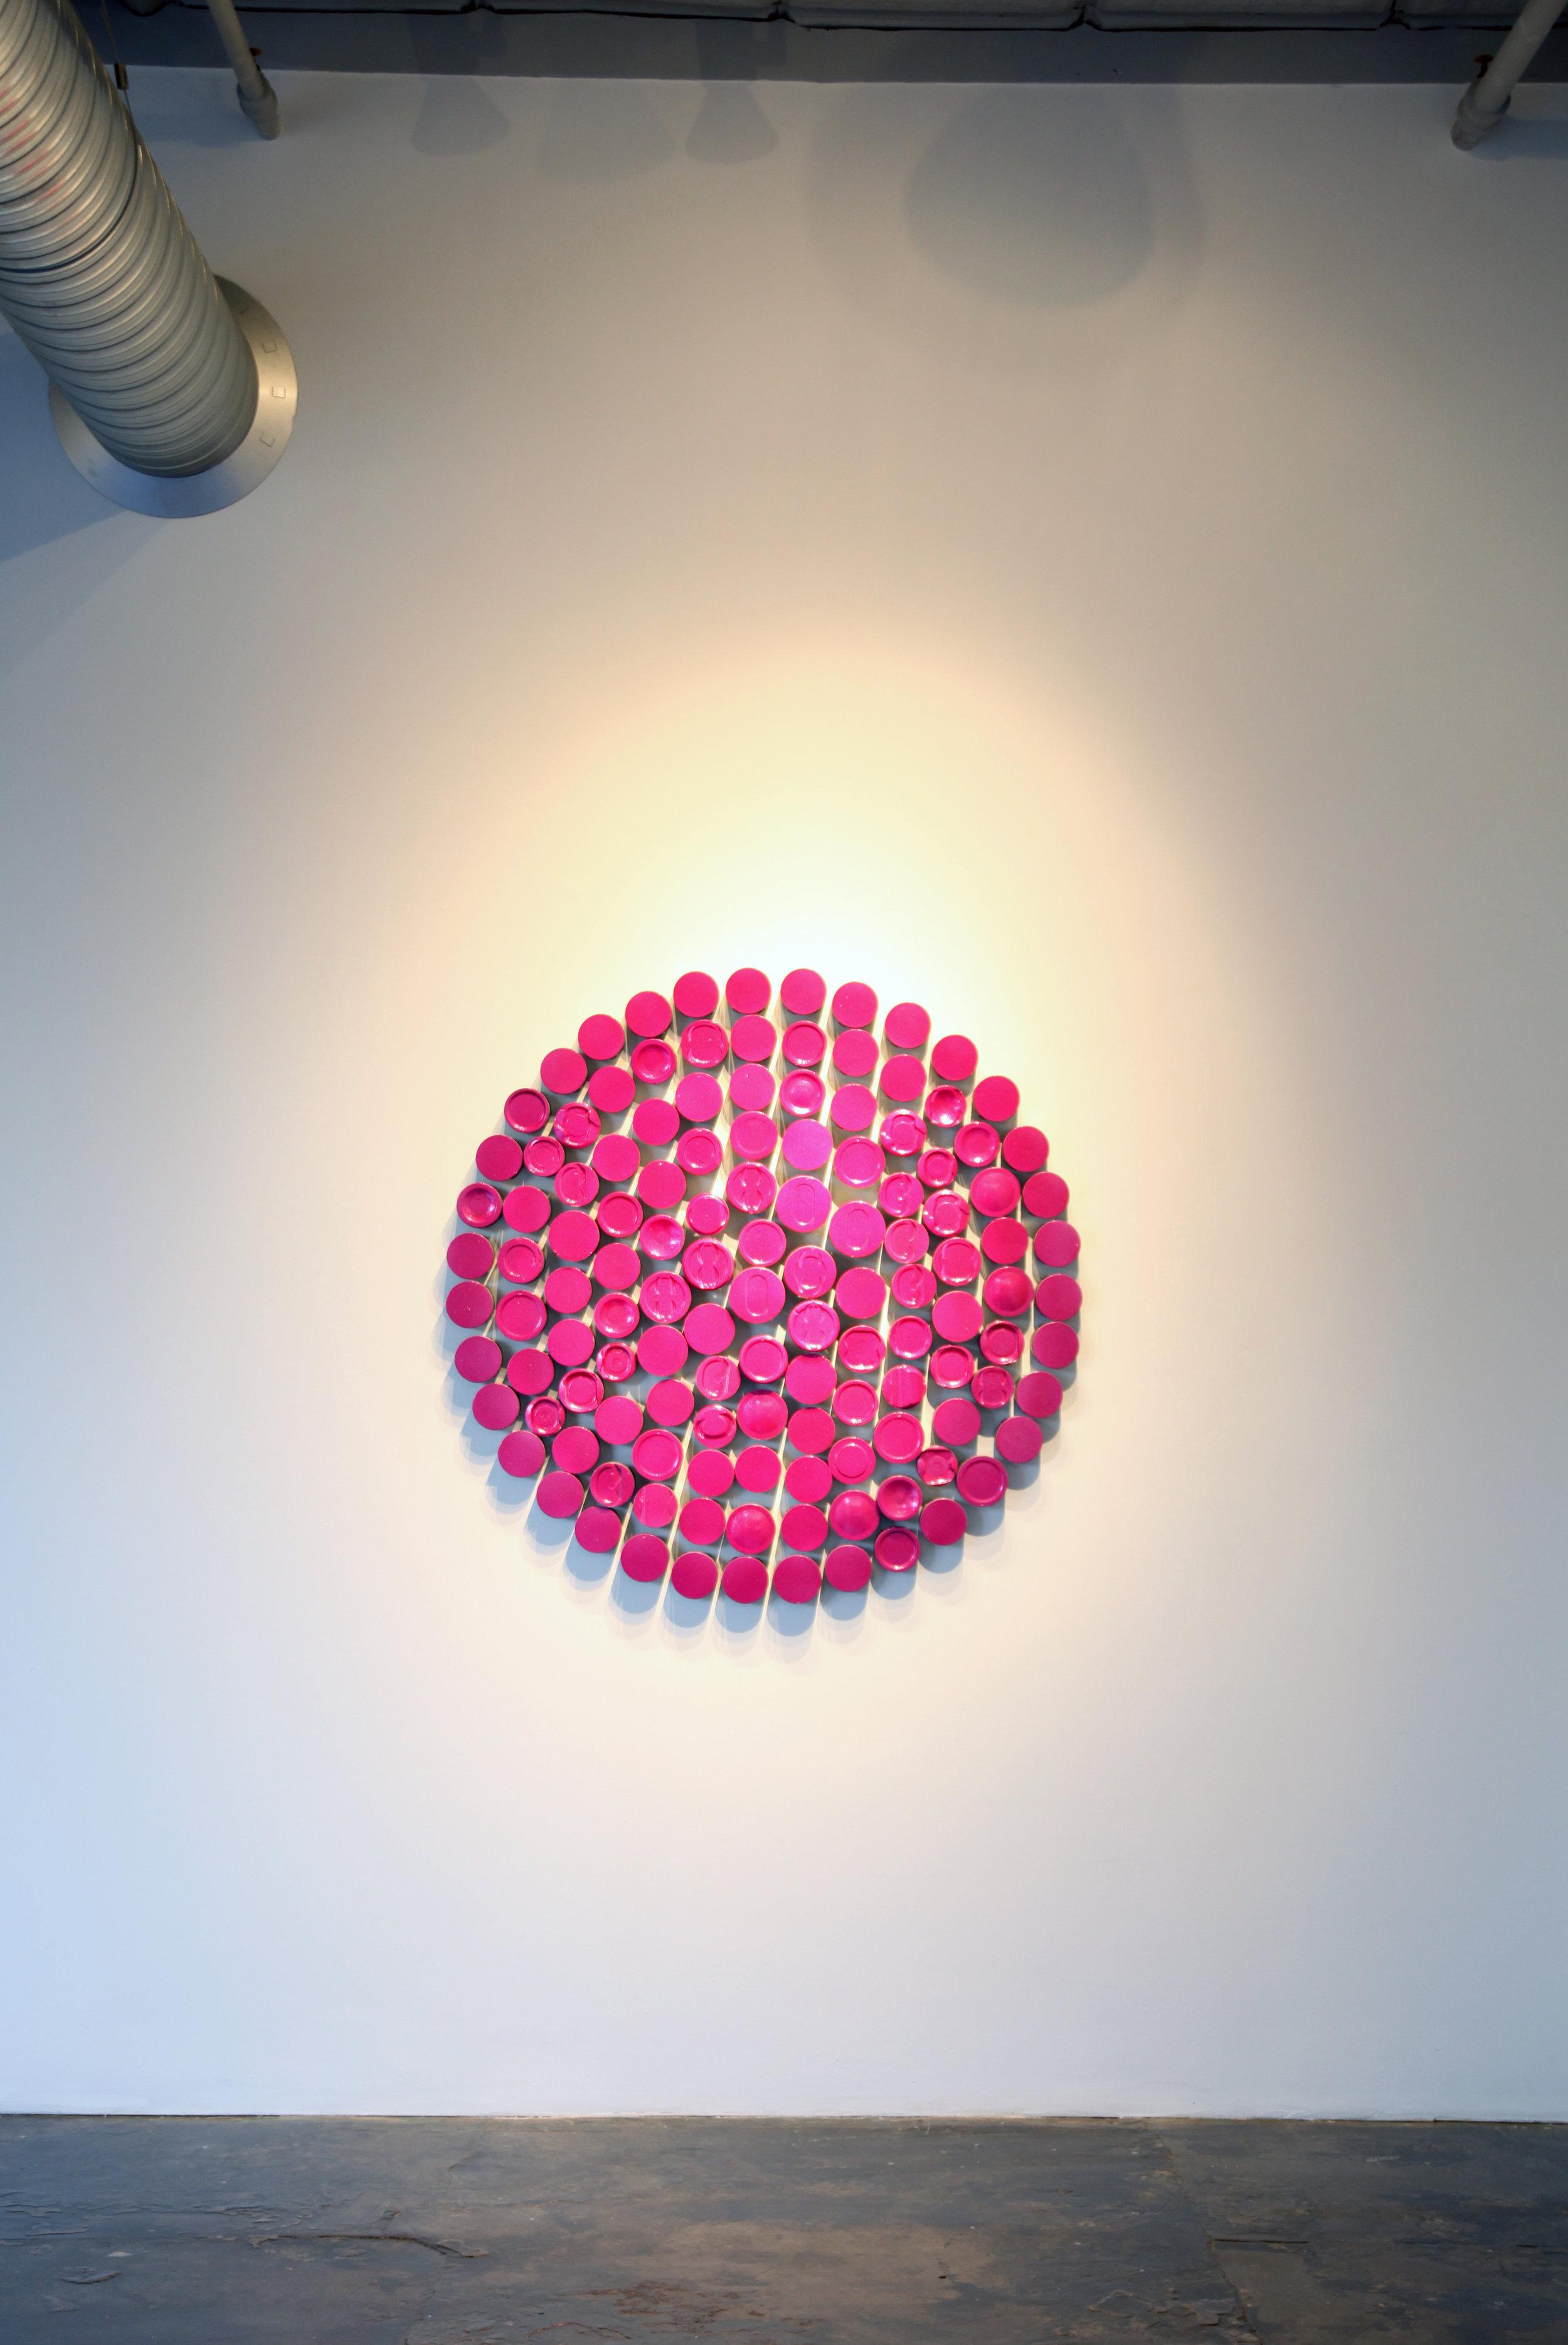 pink piston install 16 50%22 round.jpg